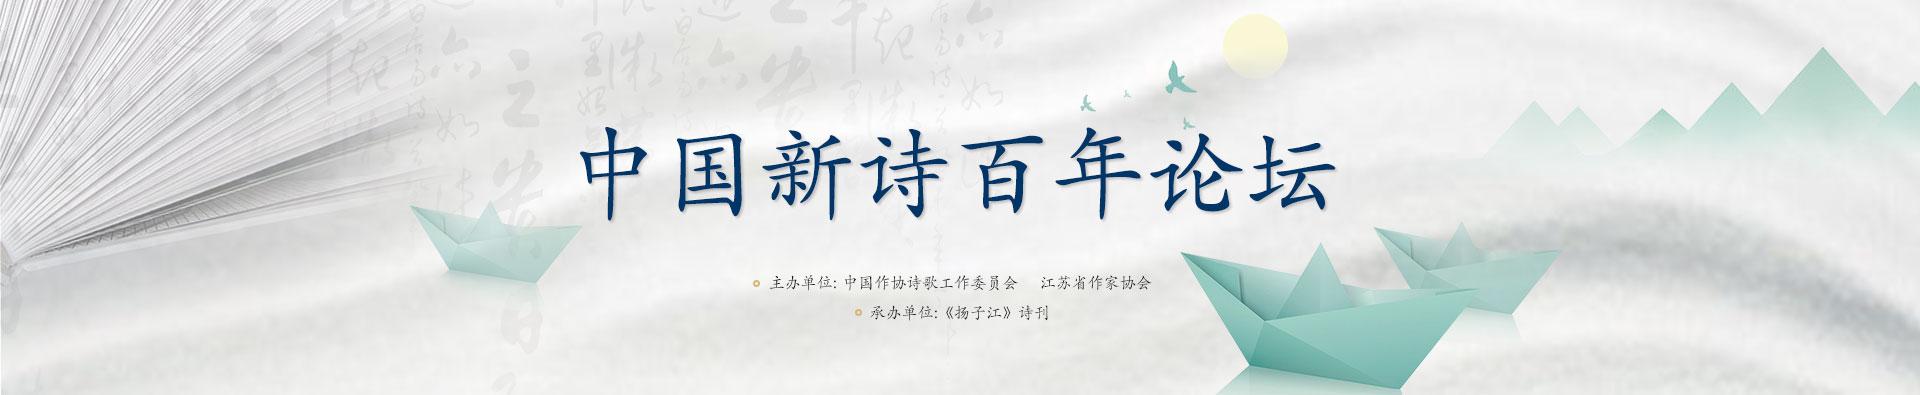 中国新诗百年论坛大图